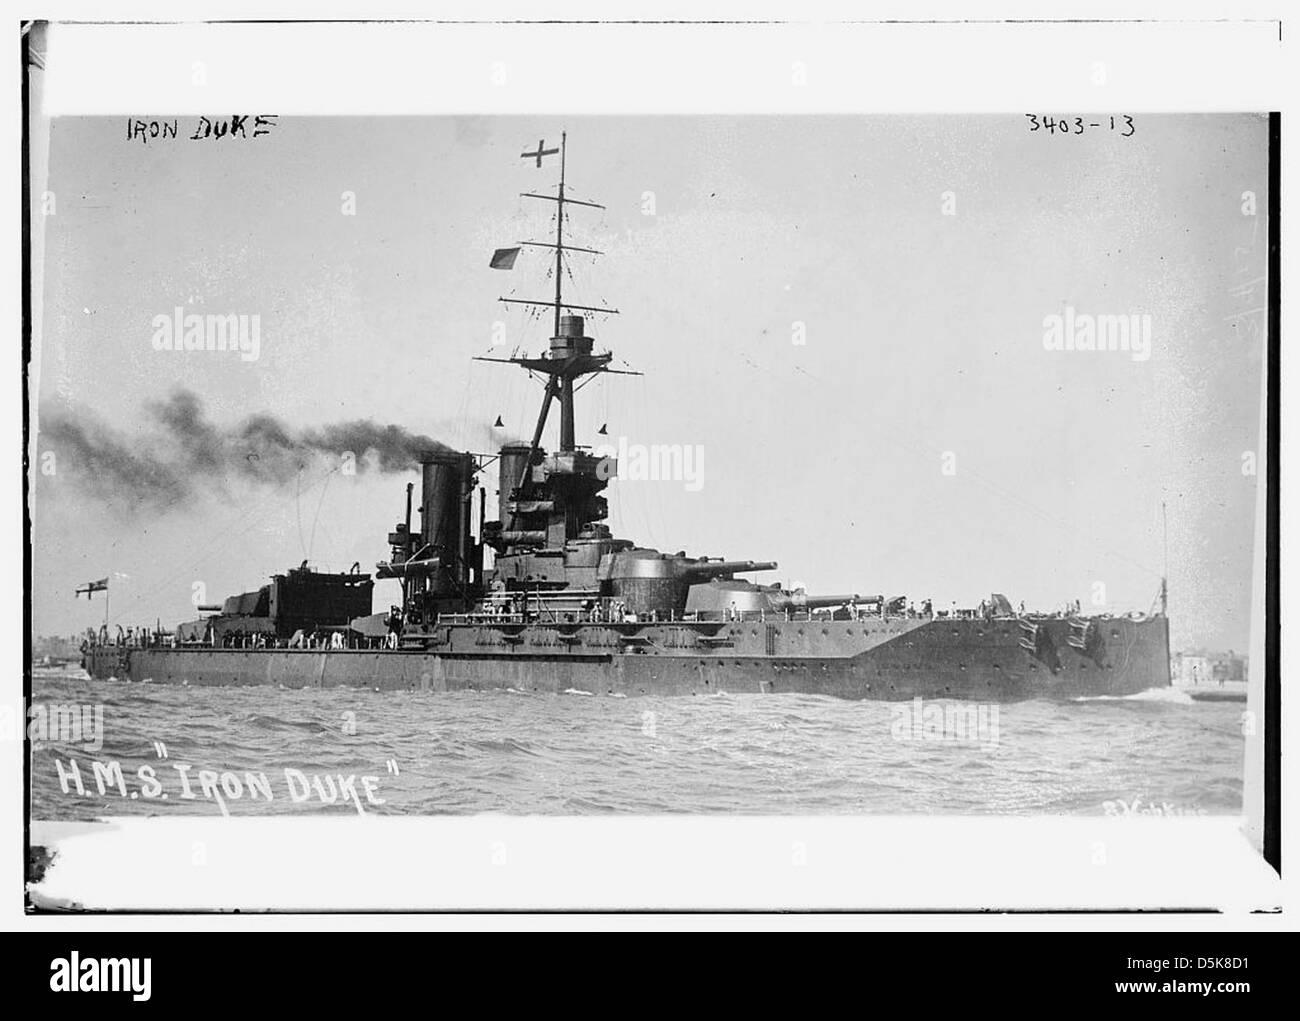 H.M.S. 'Iron Duke' (LOC) - Stock Image